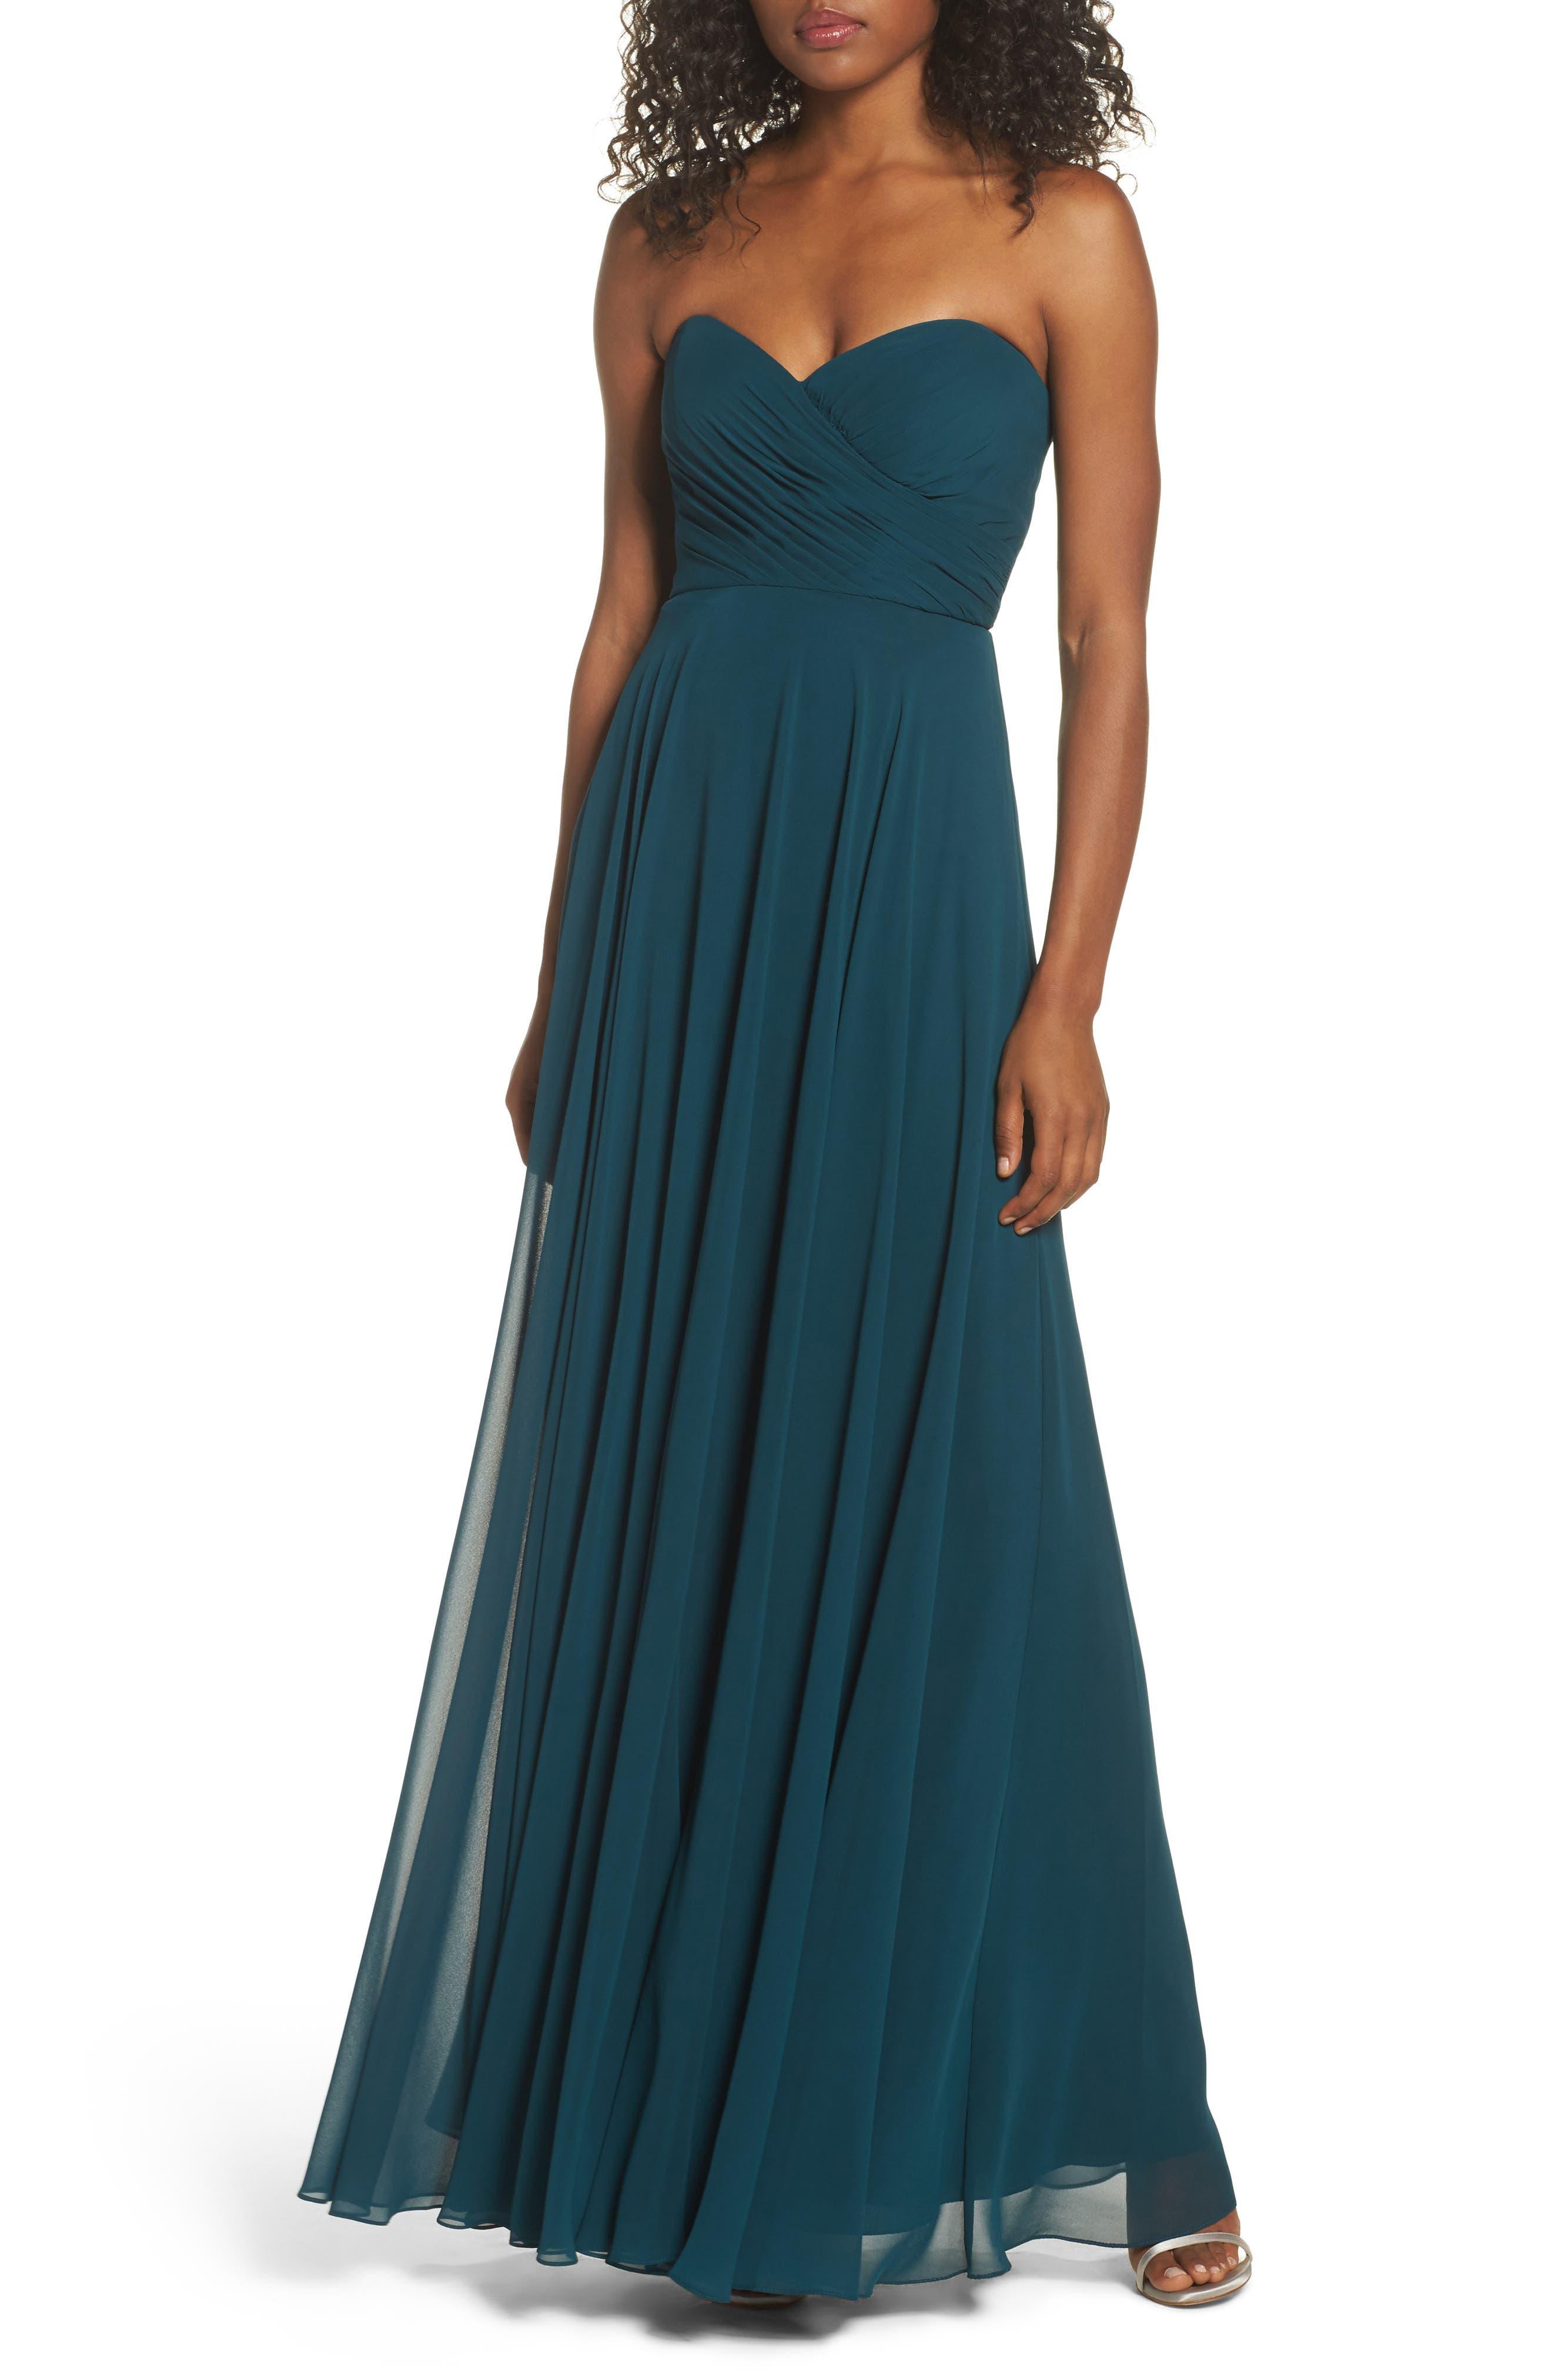 Jenny Yoo Adeline Strapless Chiffon Gown